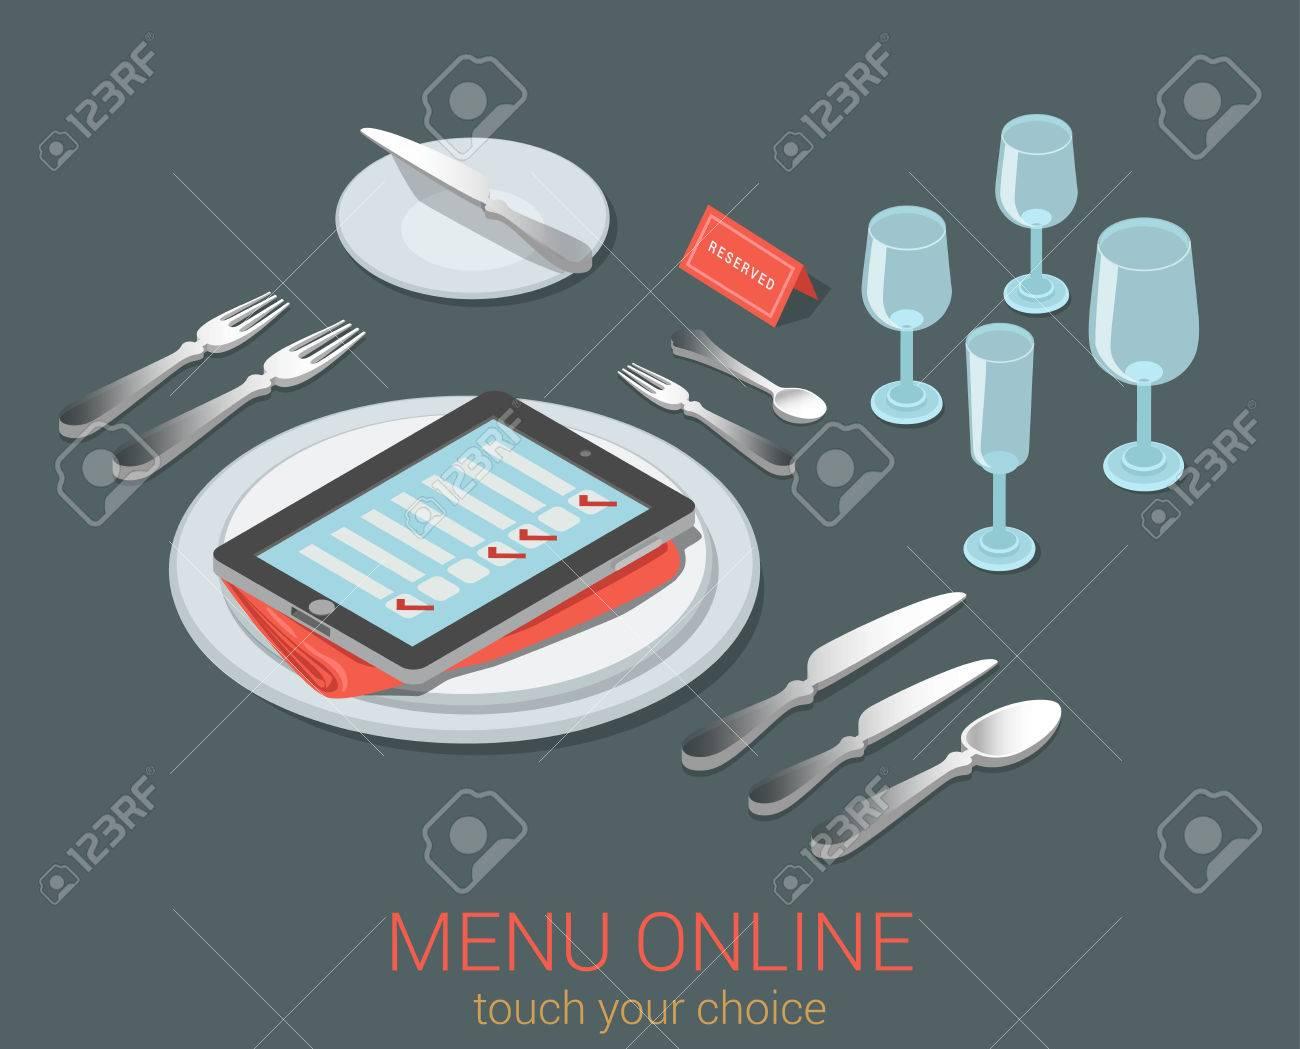 E-menú De Reserva De Pedidos En Línea De Asiento Comida Menú Del ...